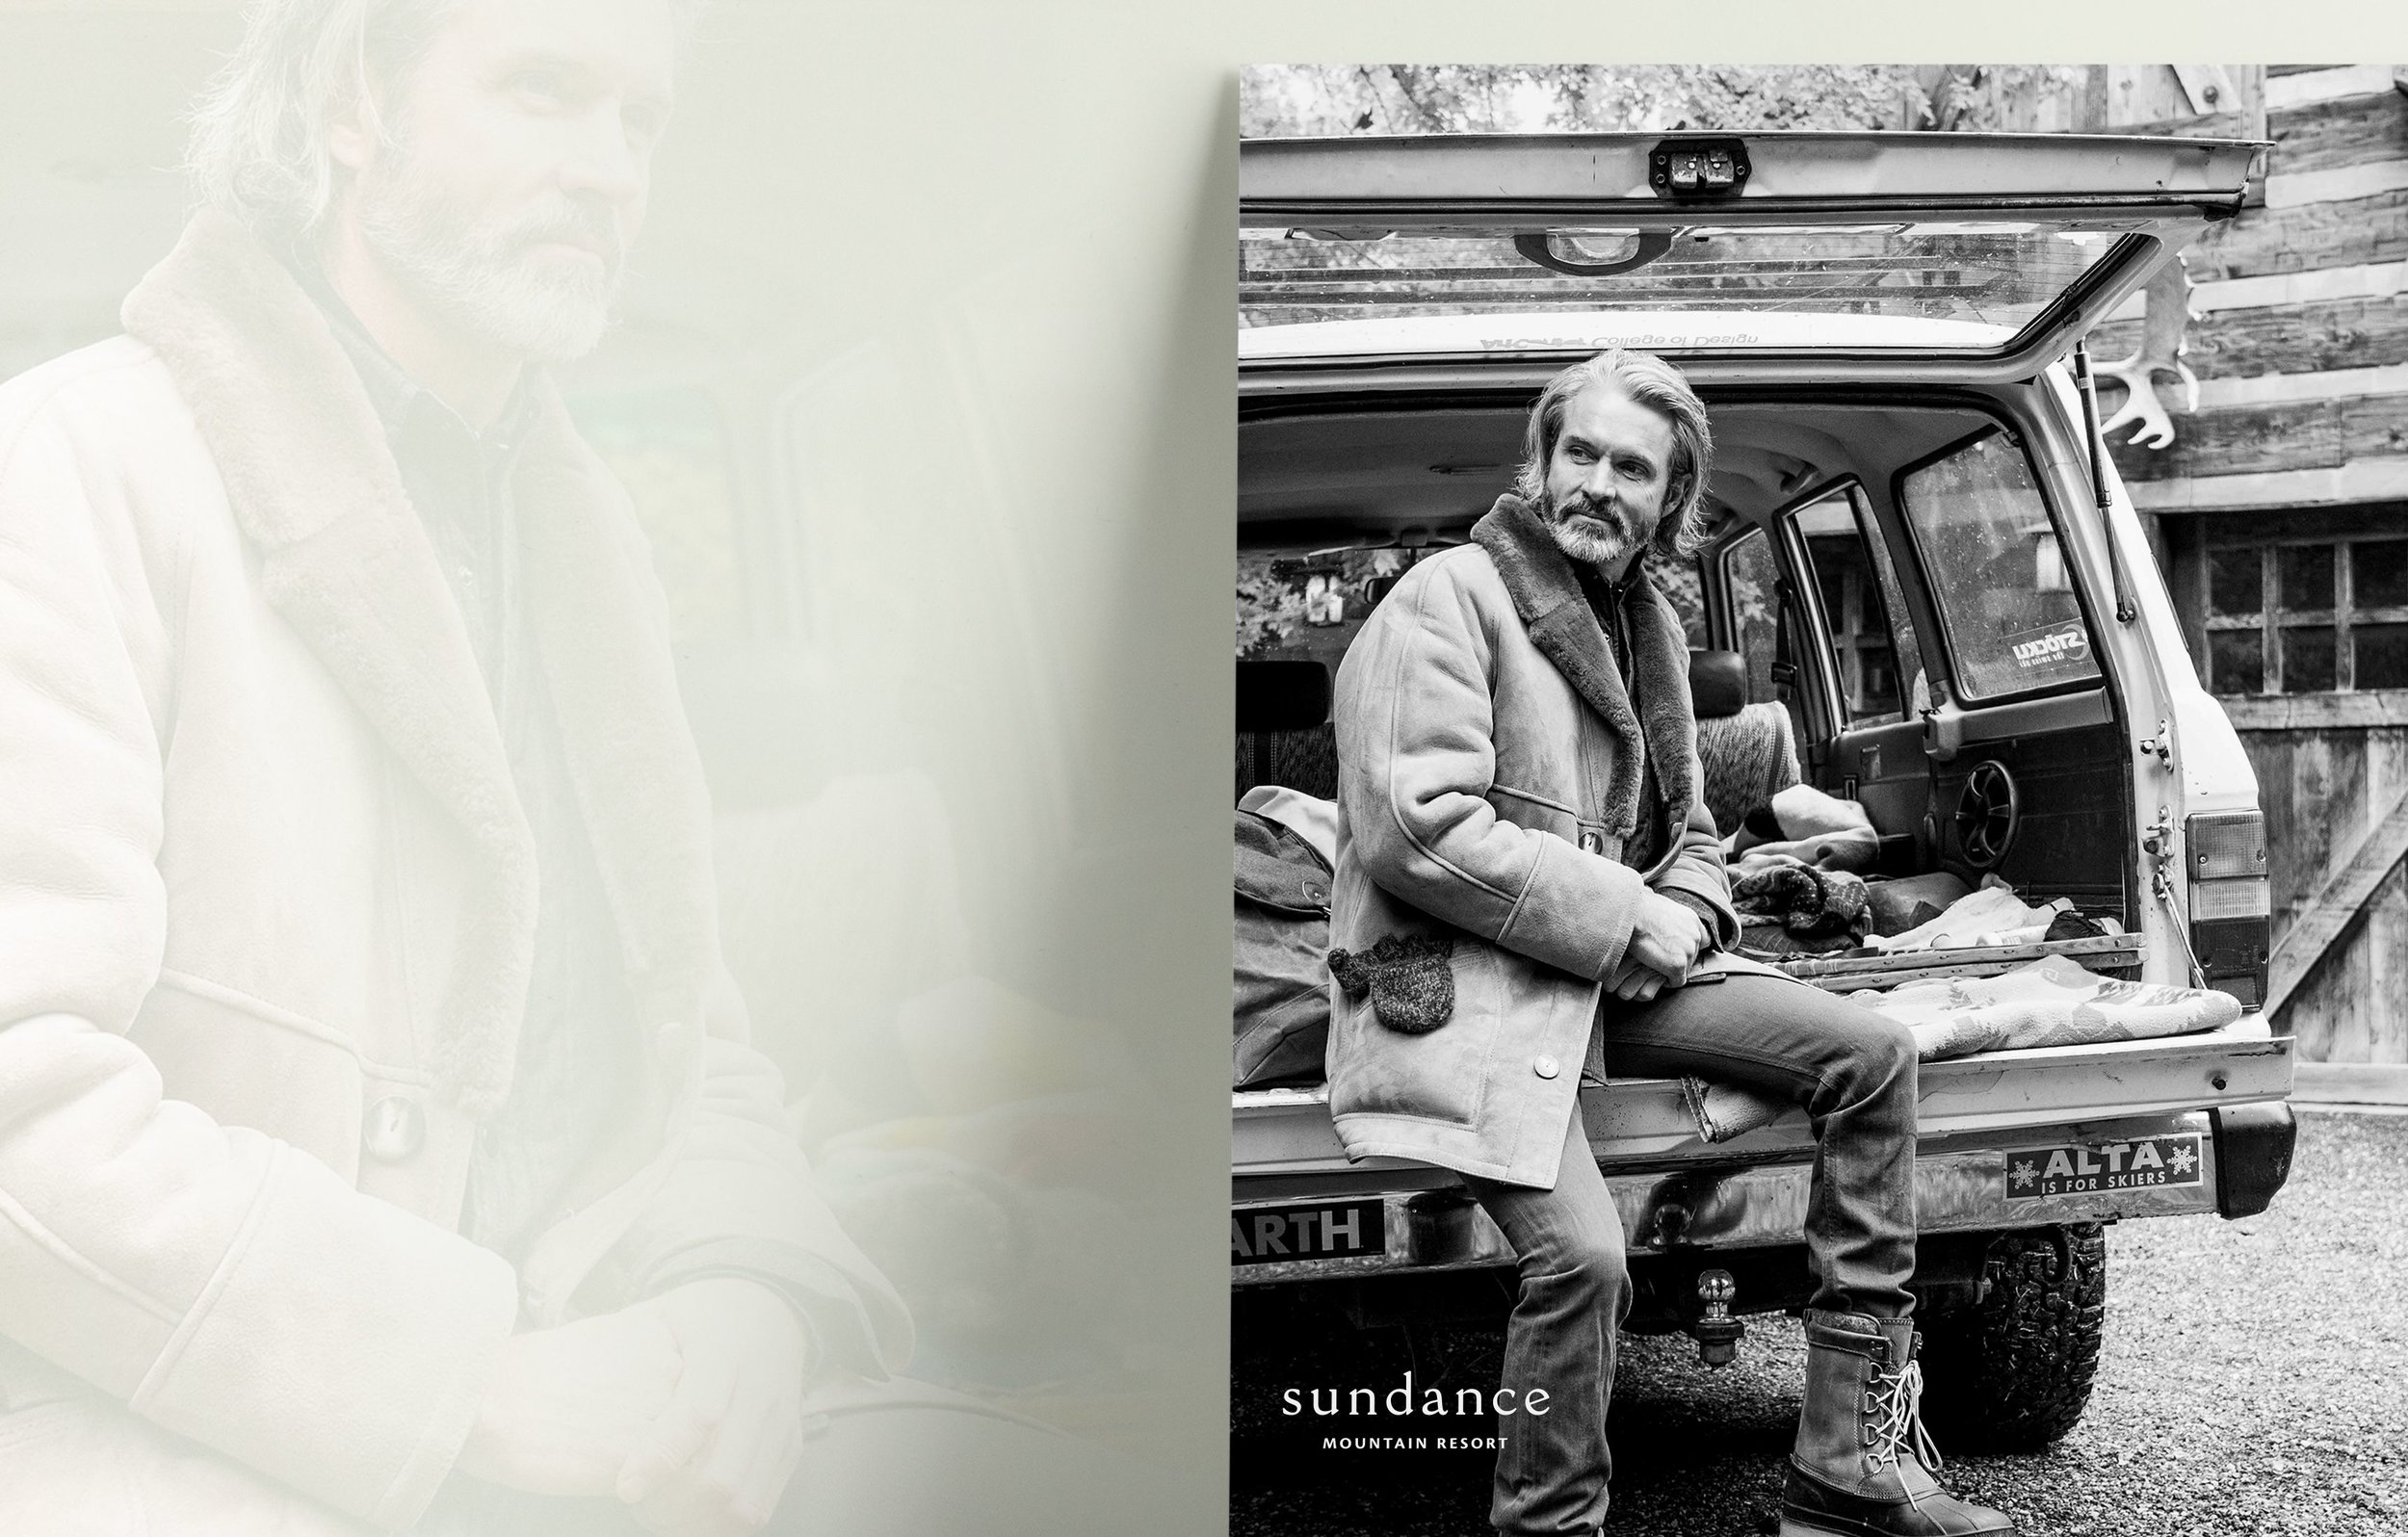 Man On Tailgate Sundance Mountain Resort Advertisement